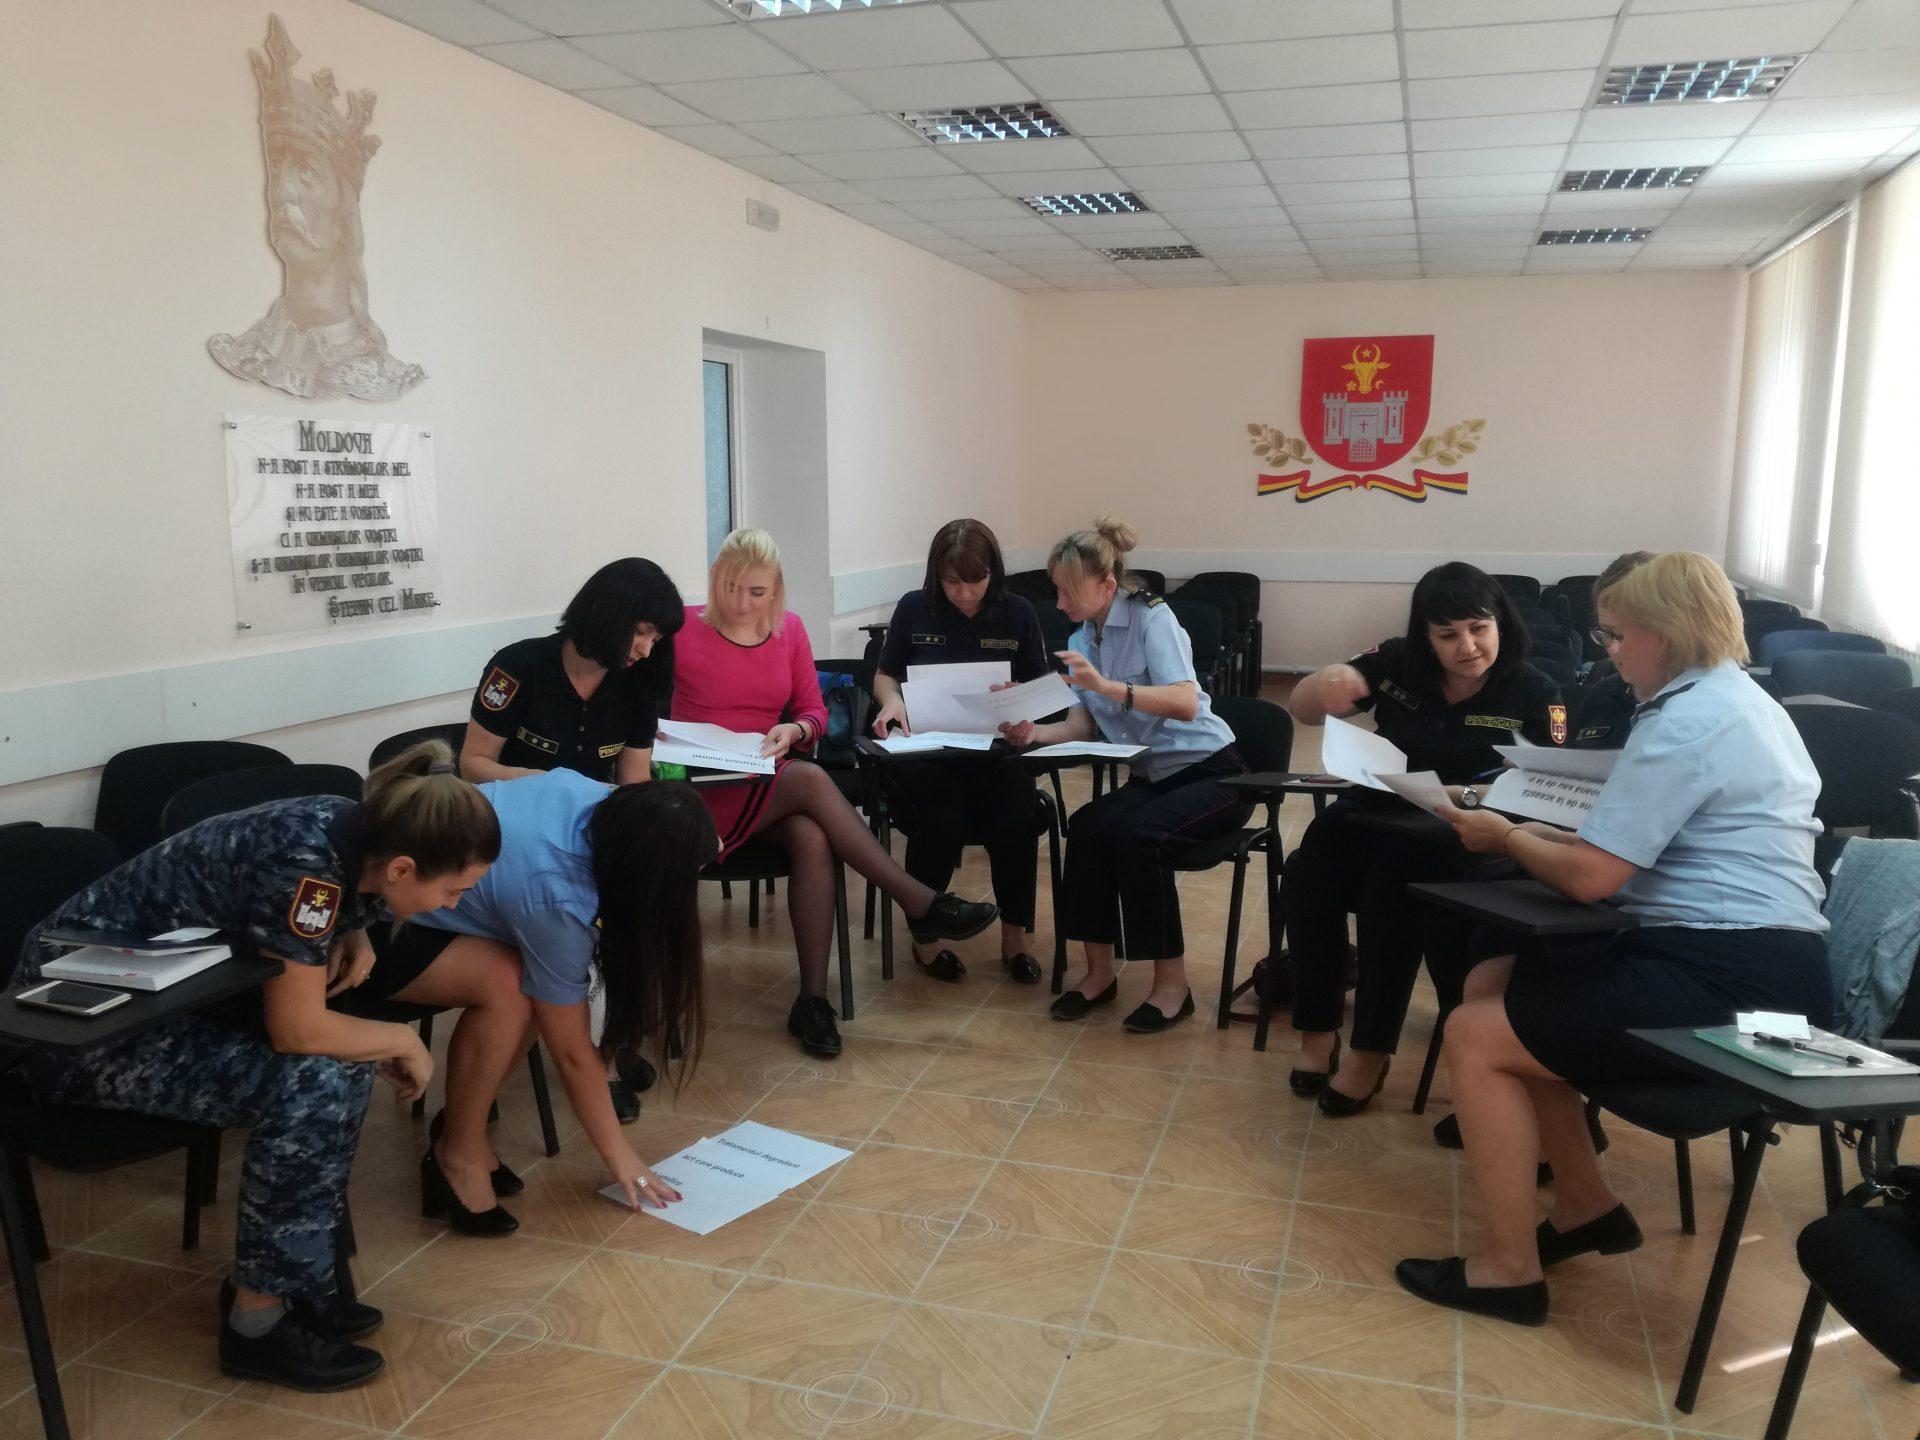 Офис Народного Адвоката продолжает обучающие мероприятия в области соблюдения прав человека и предупреждения пыток и жестокого обращения для сотрудников пенитенциарной системы